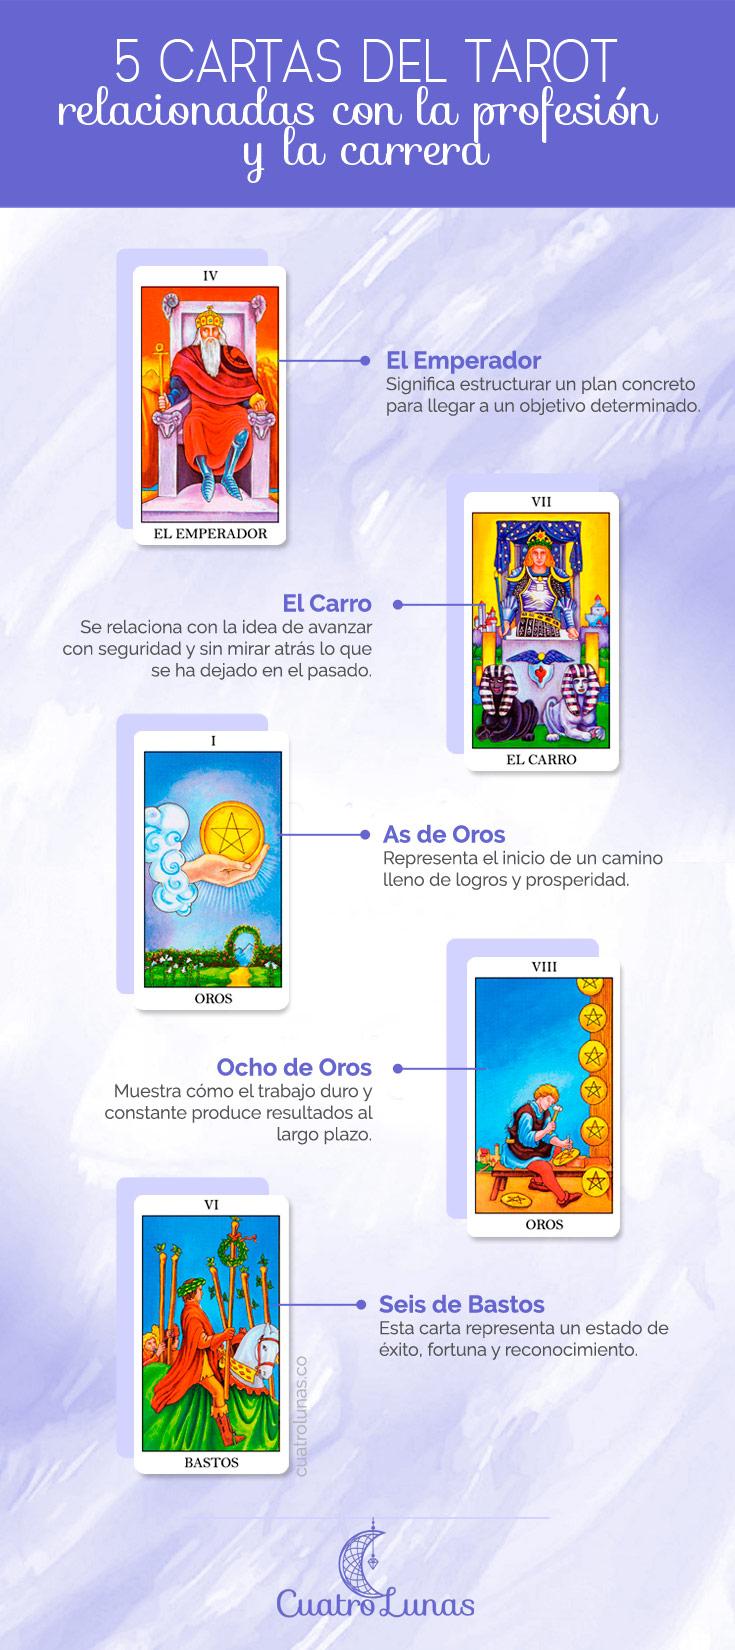 5 Cartas Tarot Profesion y Carrera